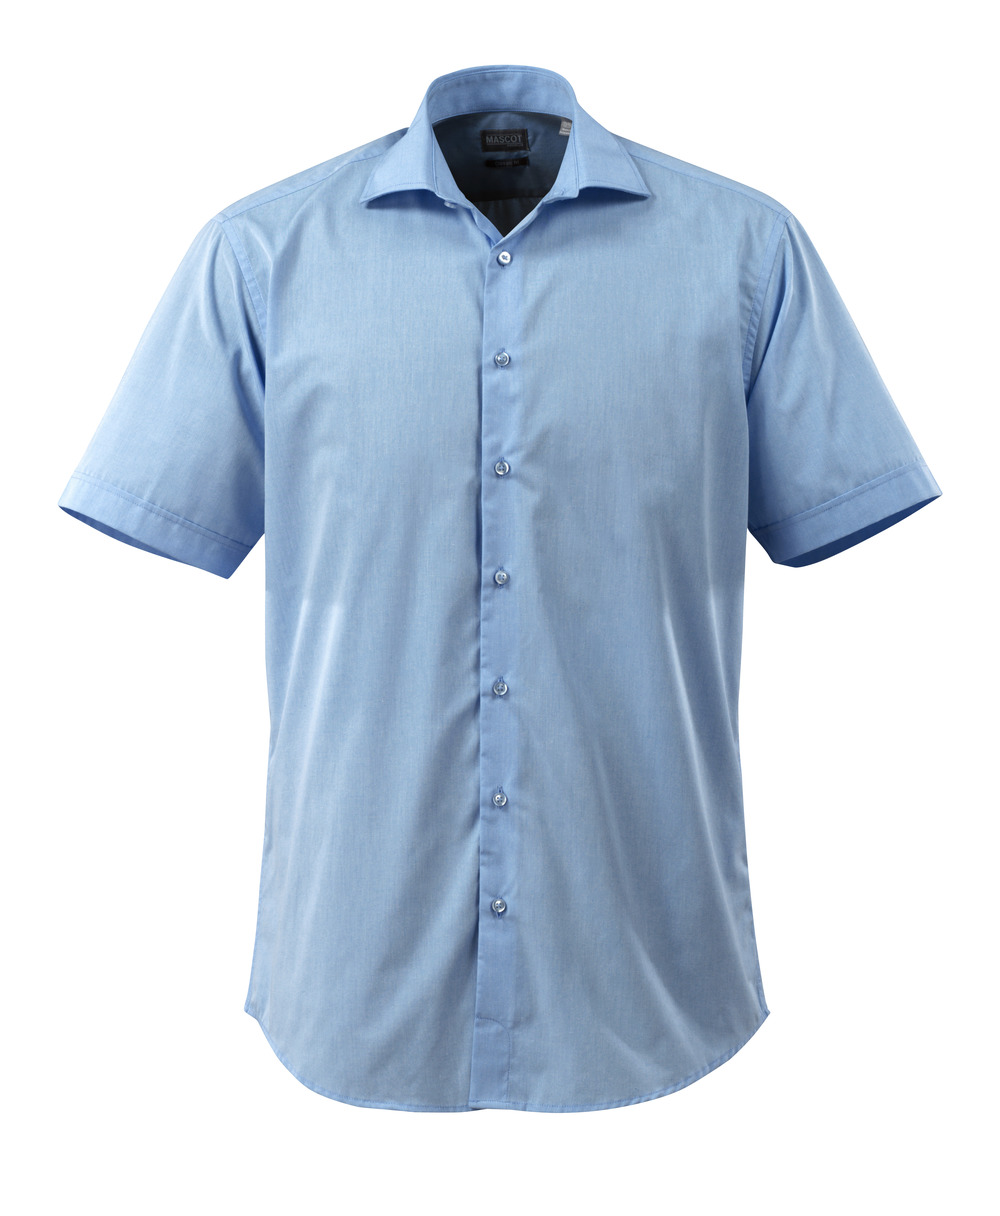 50632-984-71 Skjorta, kortärmad - ljus-blå